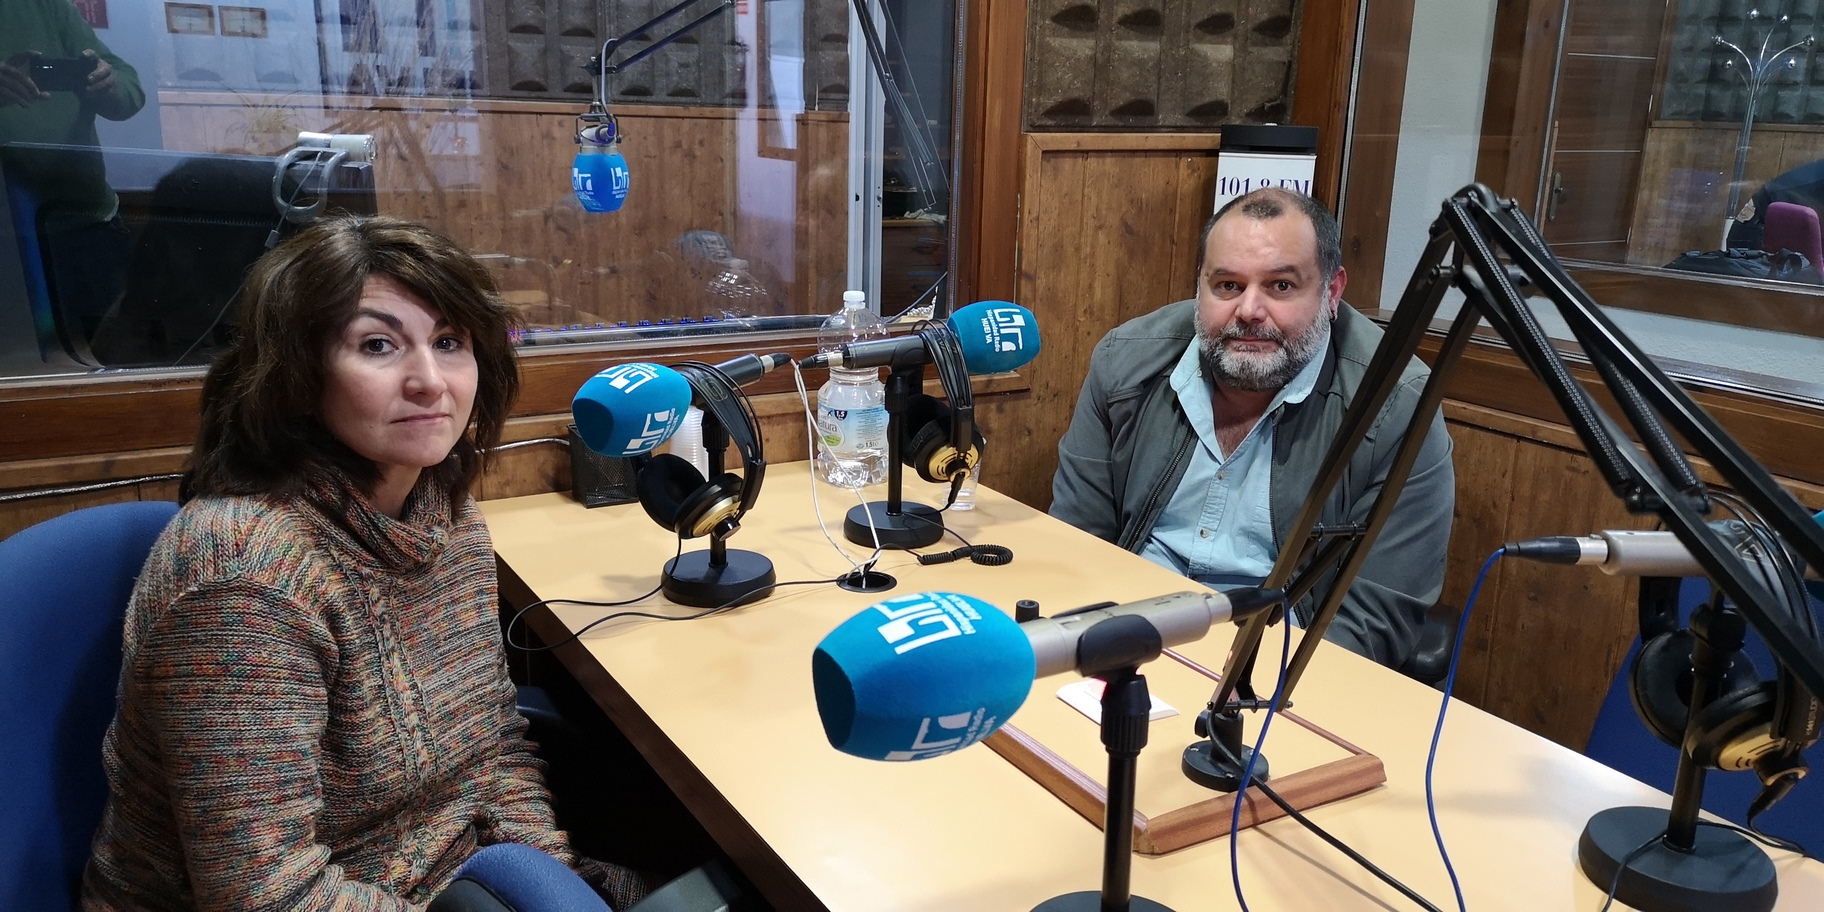 Queremos Saber 13-01-2020 Rafael Sanchez Rufo, Coordinador Provincial de Izquierda Unida en Huelva